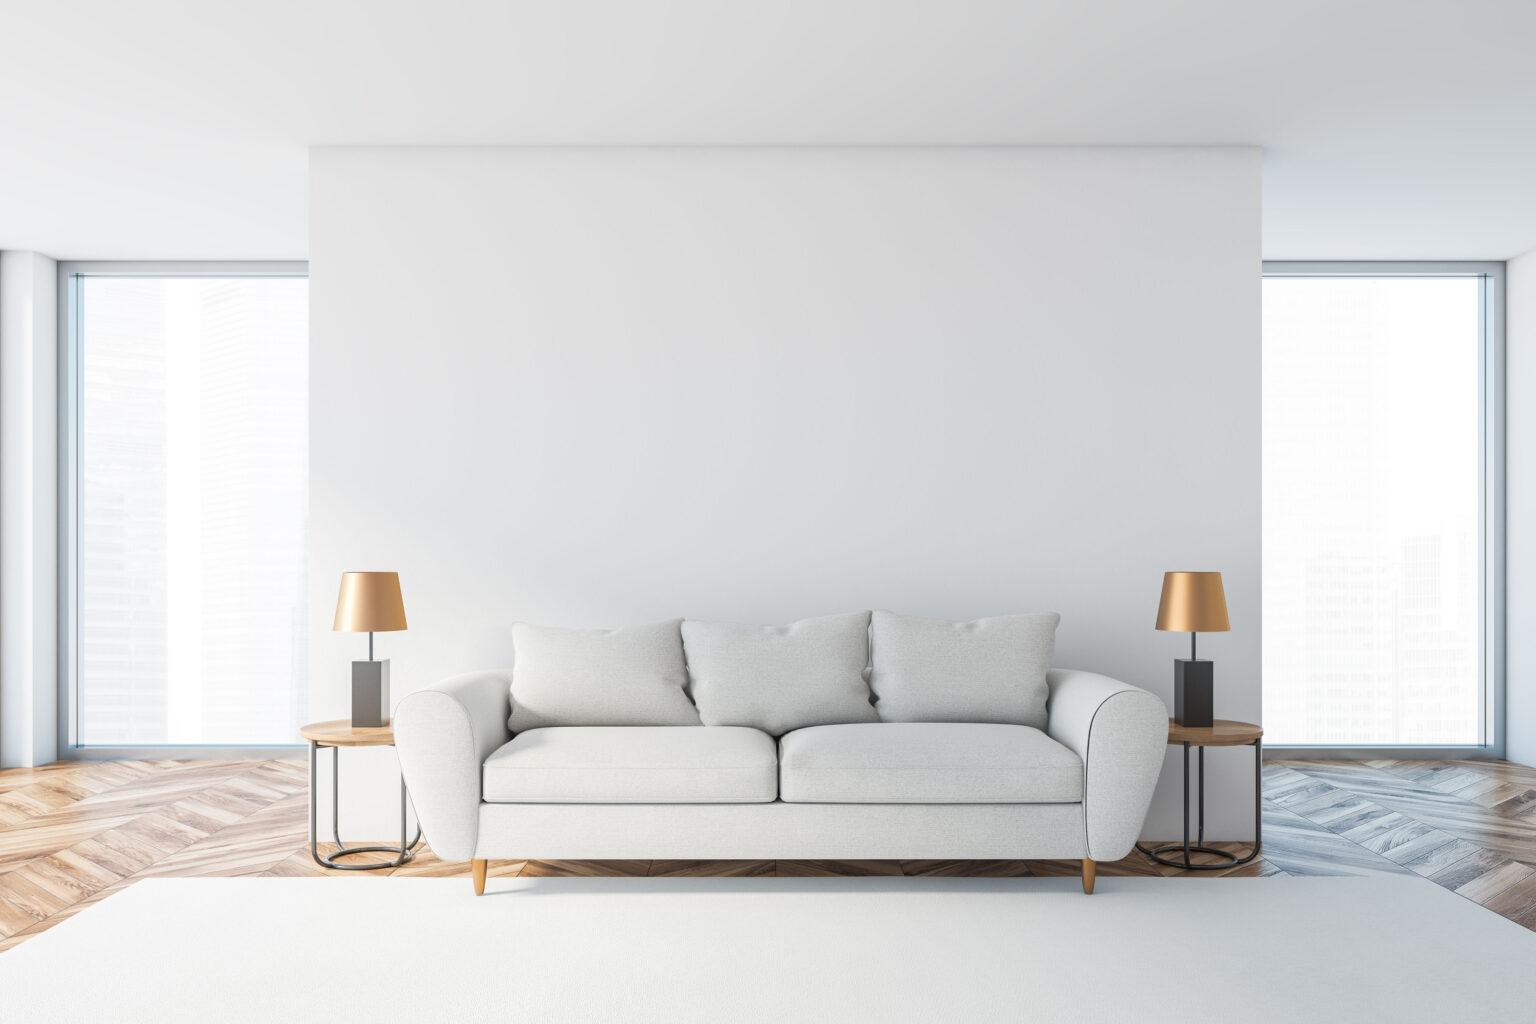 Design Monocromatico - Bianco